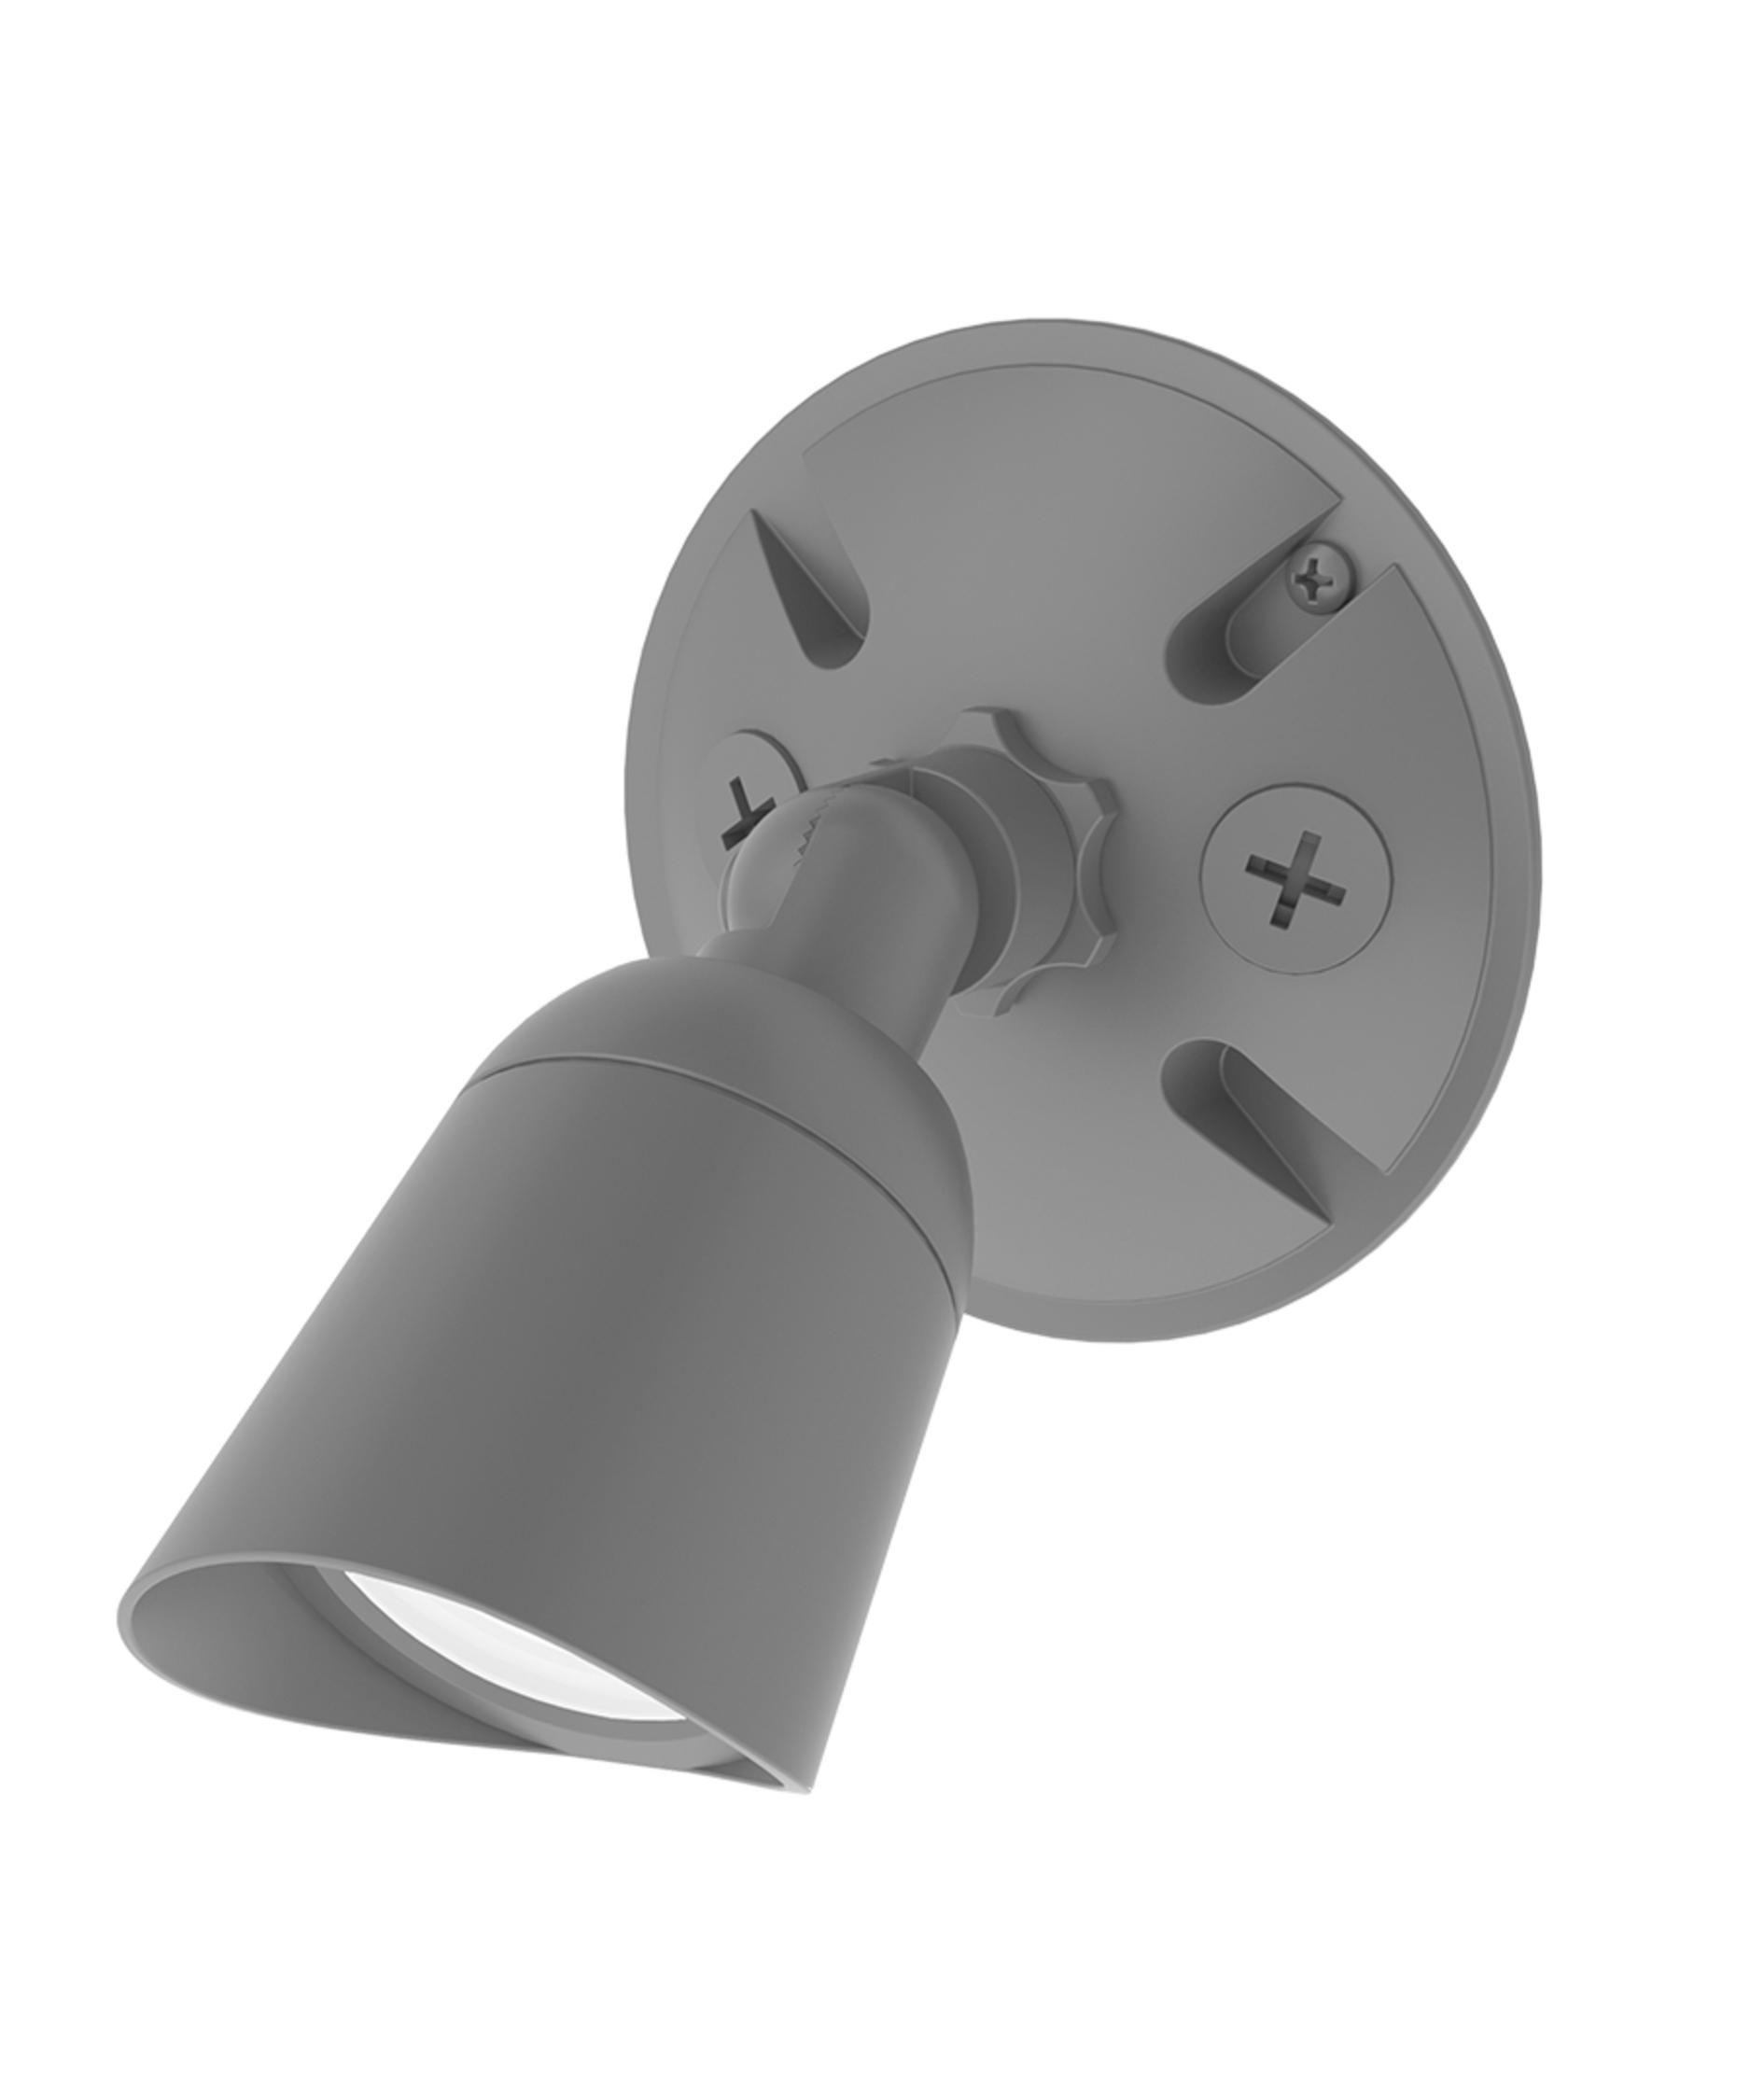 WAC Lighting Endurance Energy Smart 7 Inch Outdoor Spot Light